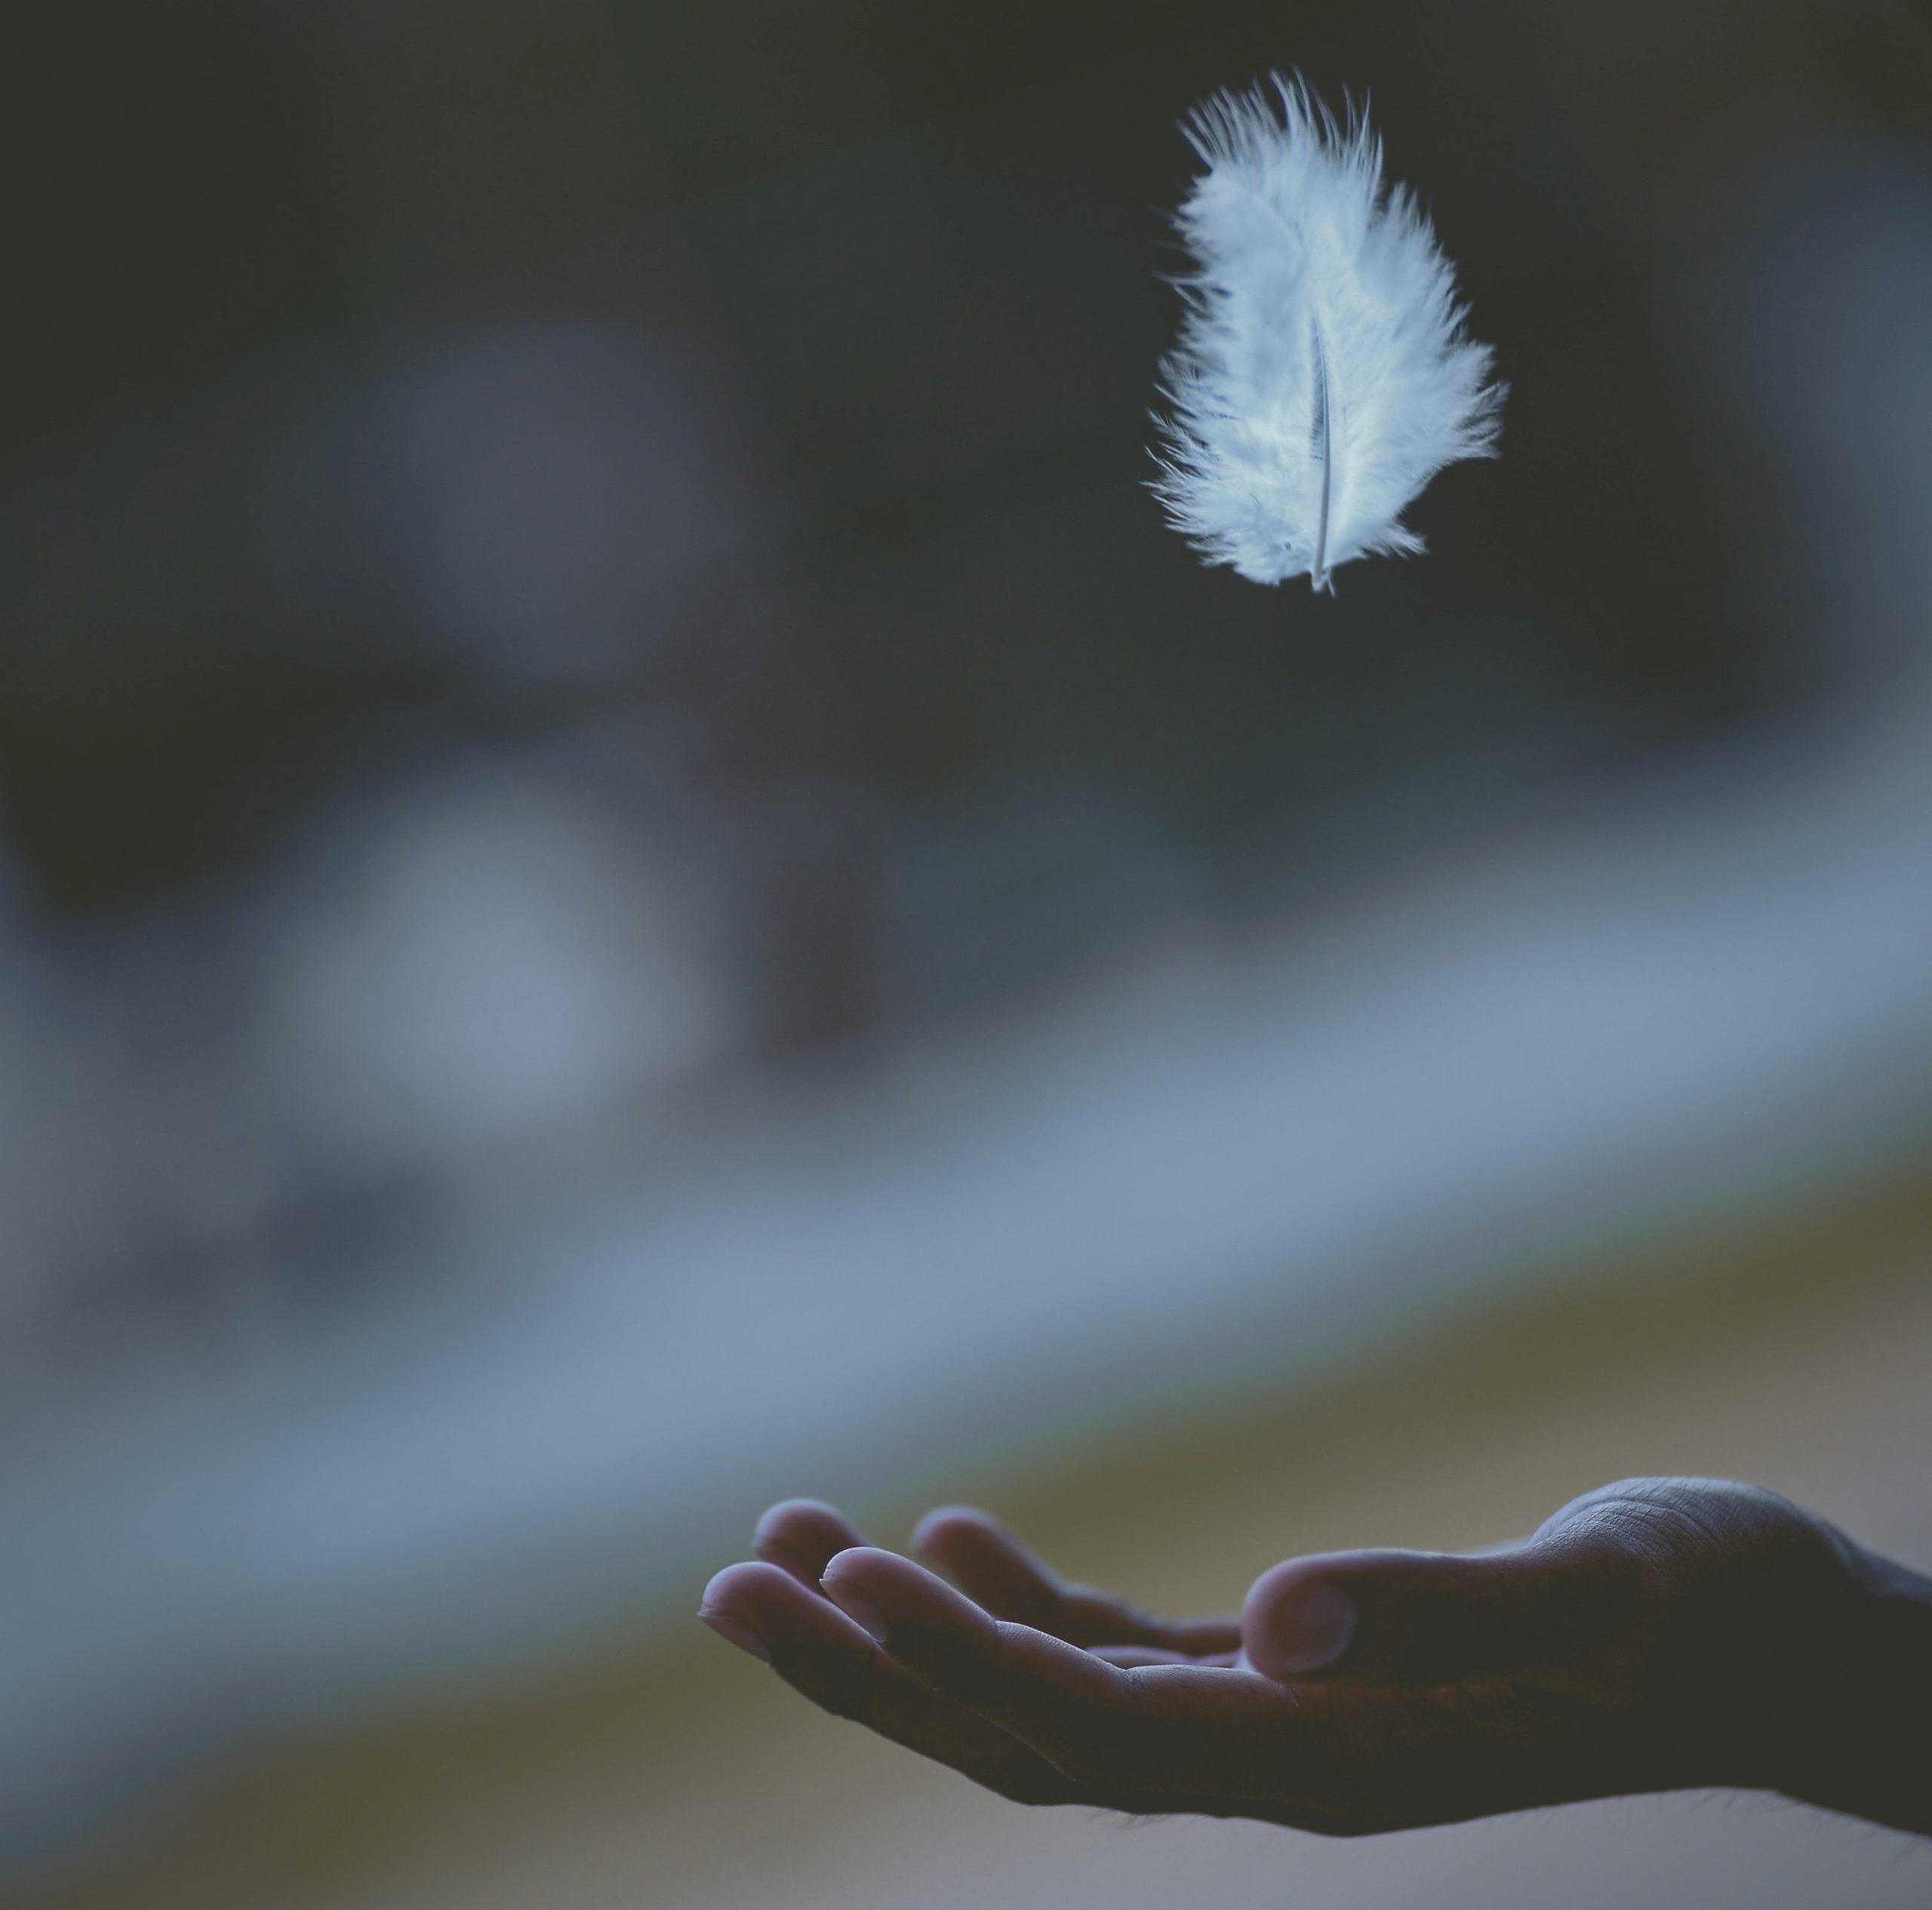 Peříčko na dlani